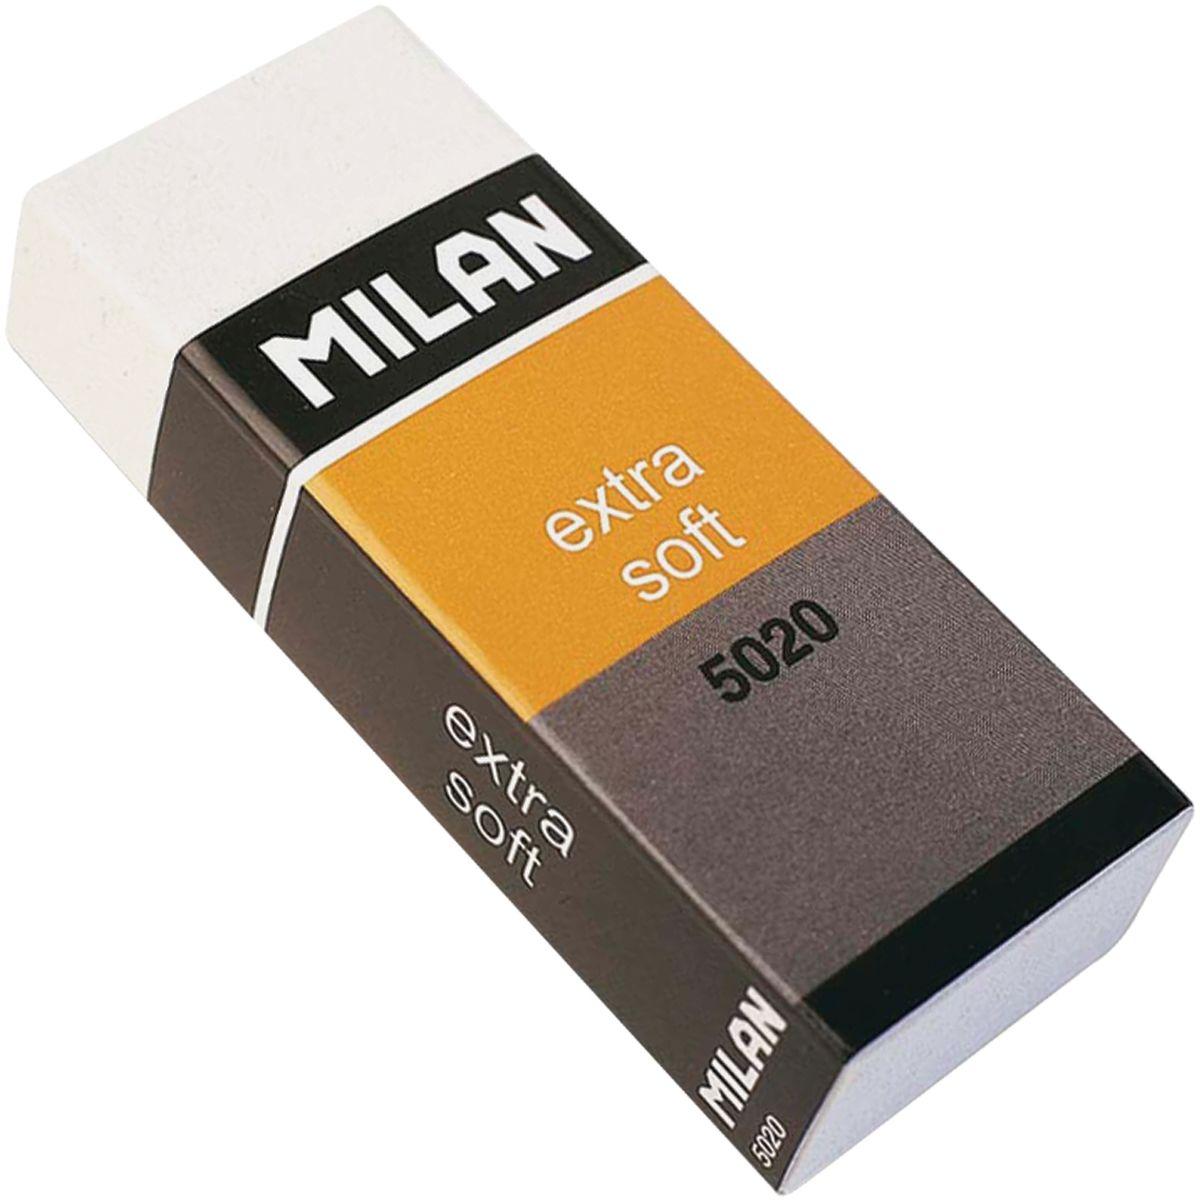 Milan Ластик Extra Soft 5020 прямоугольныйCPM5020Ластик Milan Extra Soft 5020 - это особо мягкий ластик с великолепными абсорбирующими свойствами. Удобная защитная пленка и бумажный держатель защищают от загрязнения. Рекомендуется для работы с любыми видами мягких художественных карандашей, включая уголь и сангину.